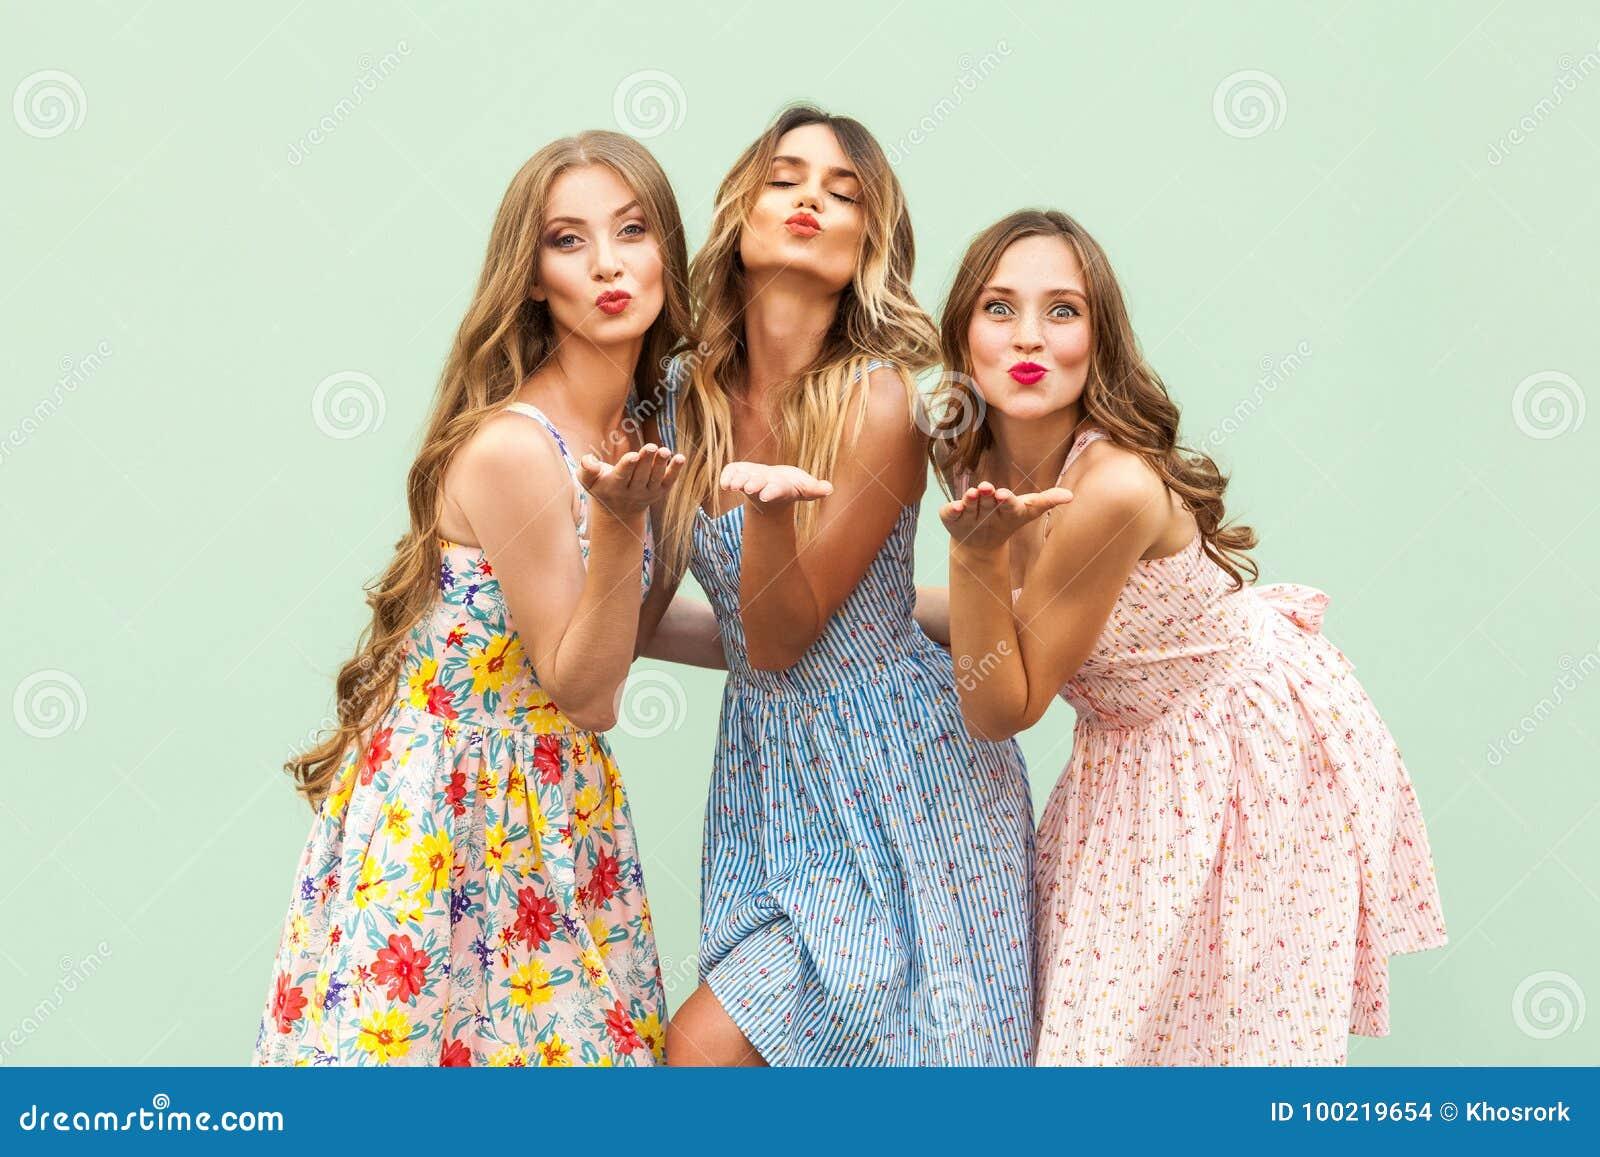 Enviando o beijo do ar Três melhores amigos que levantam no estúdio, vestido vestindo do estilo do verão contra o fundo verde